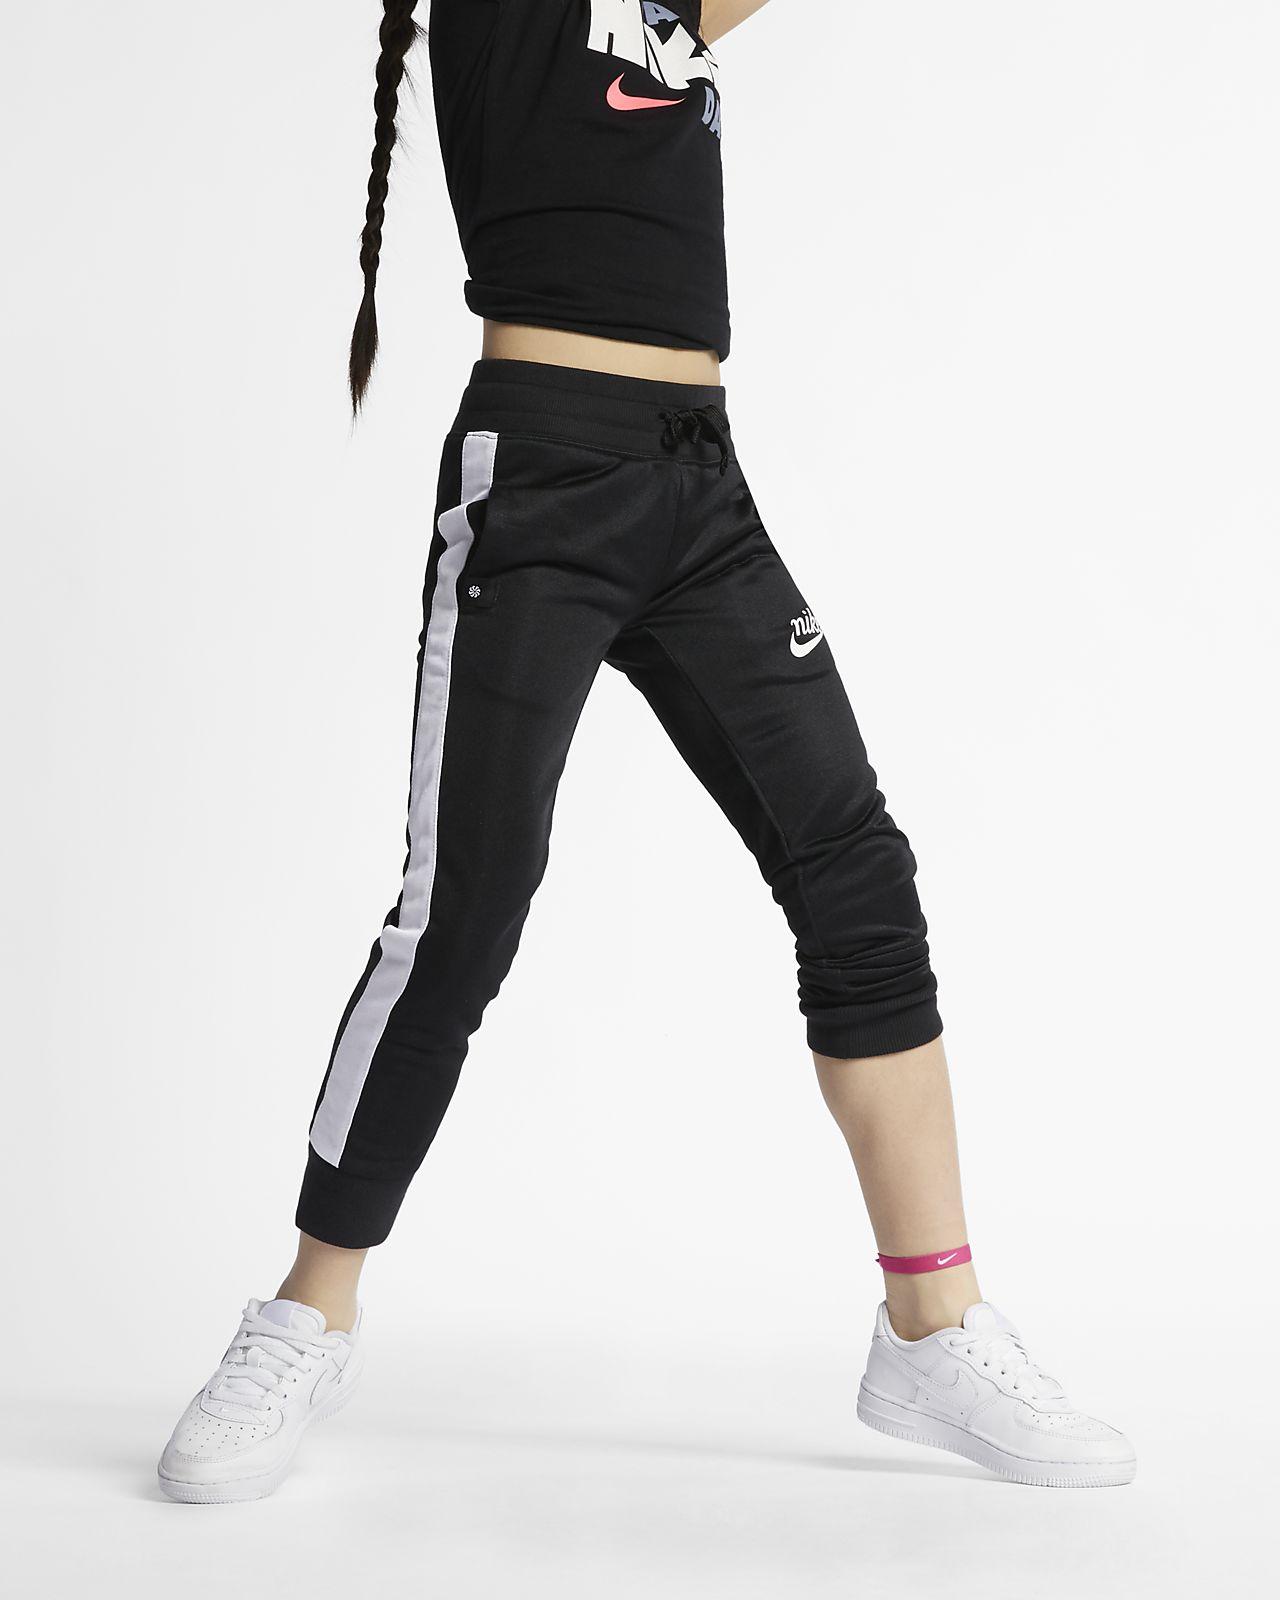 b9483aa9b Nike Sportswear Little Kids' Pants. Nike.com